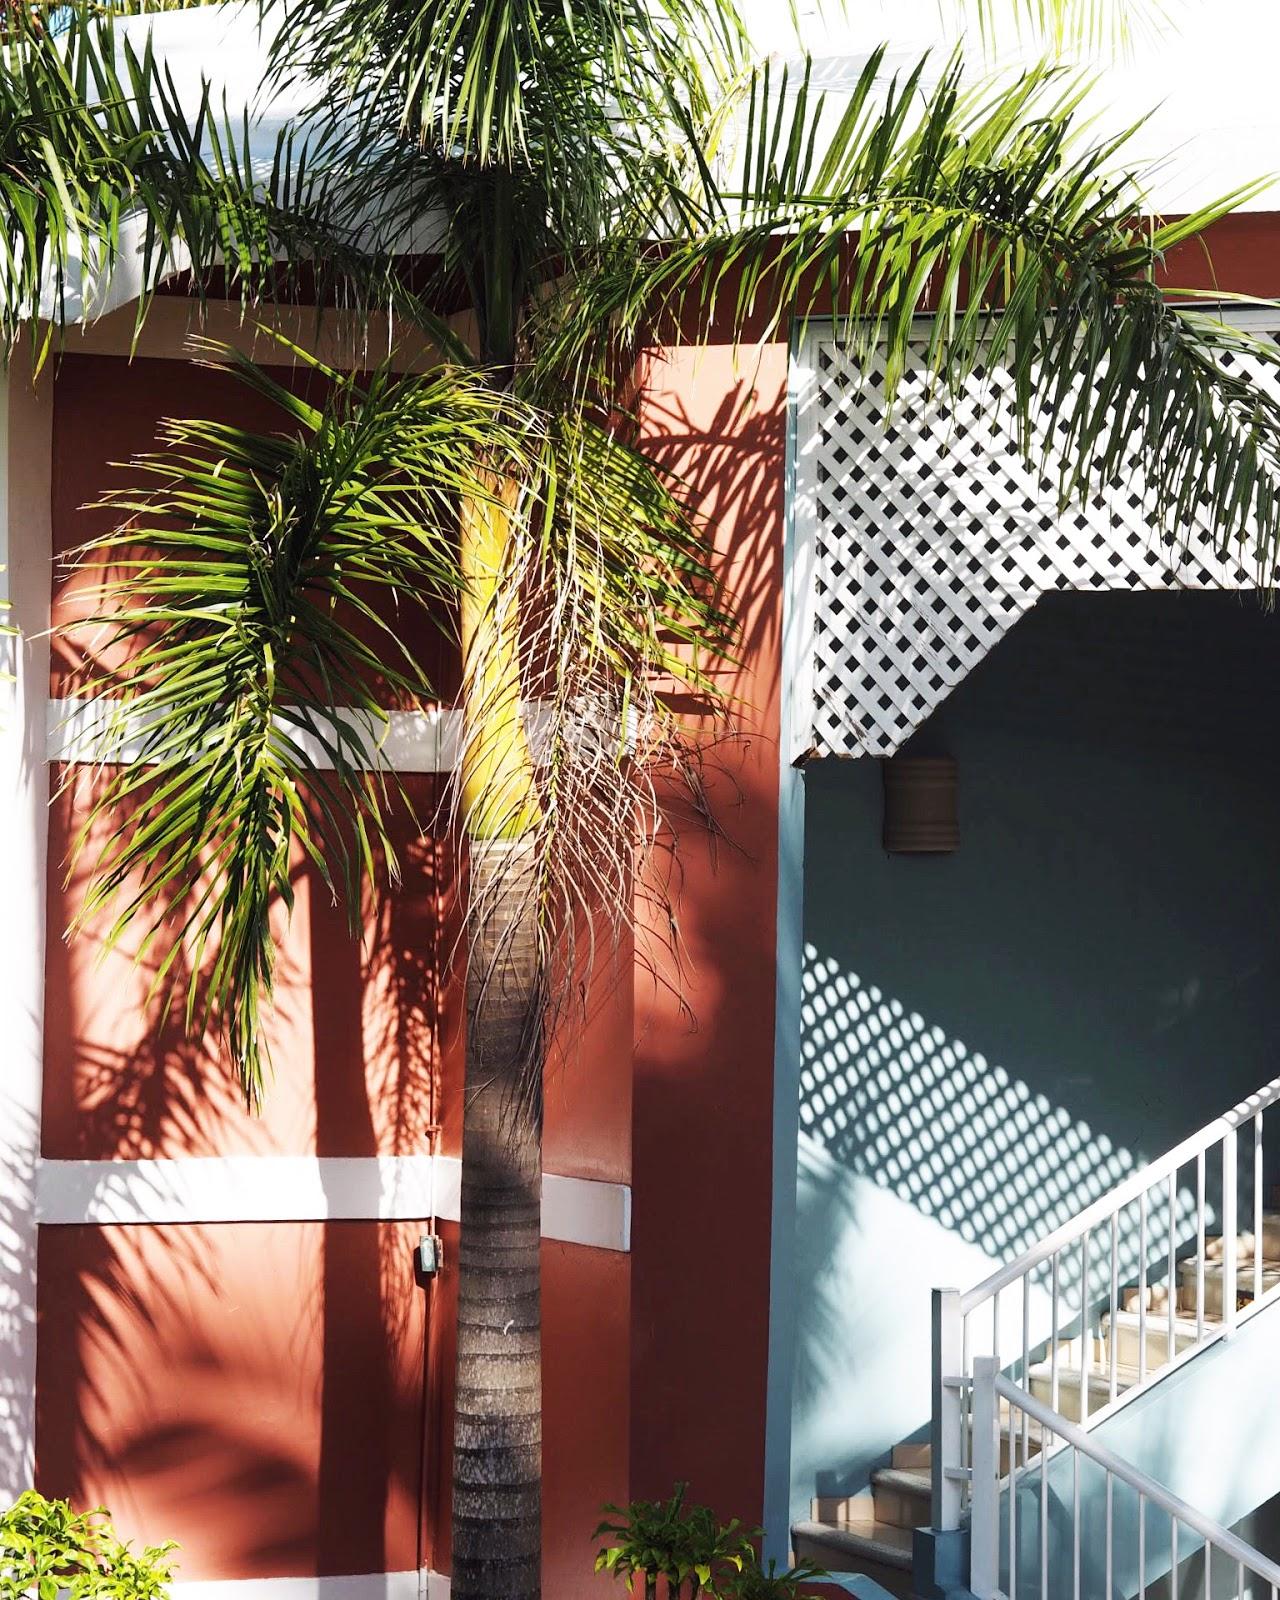 Grand Palladium Punta Cana Apartment Block Burnt Orange Palm Trees